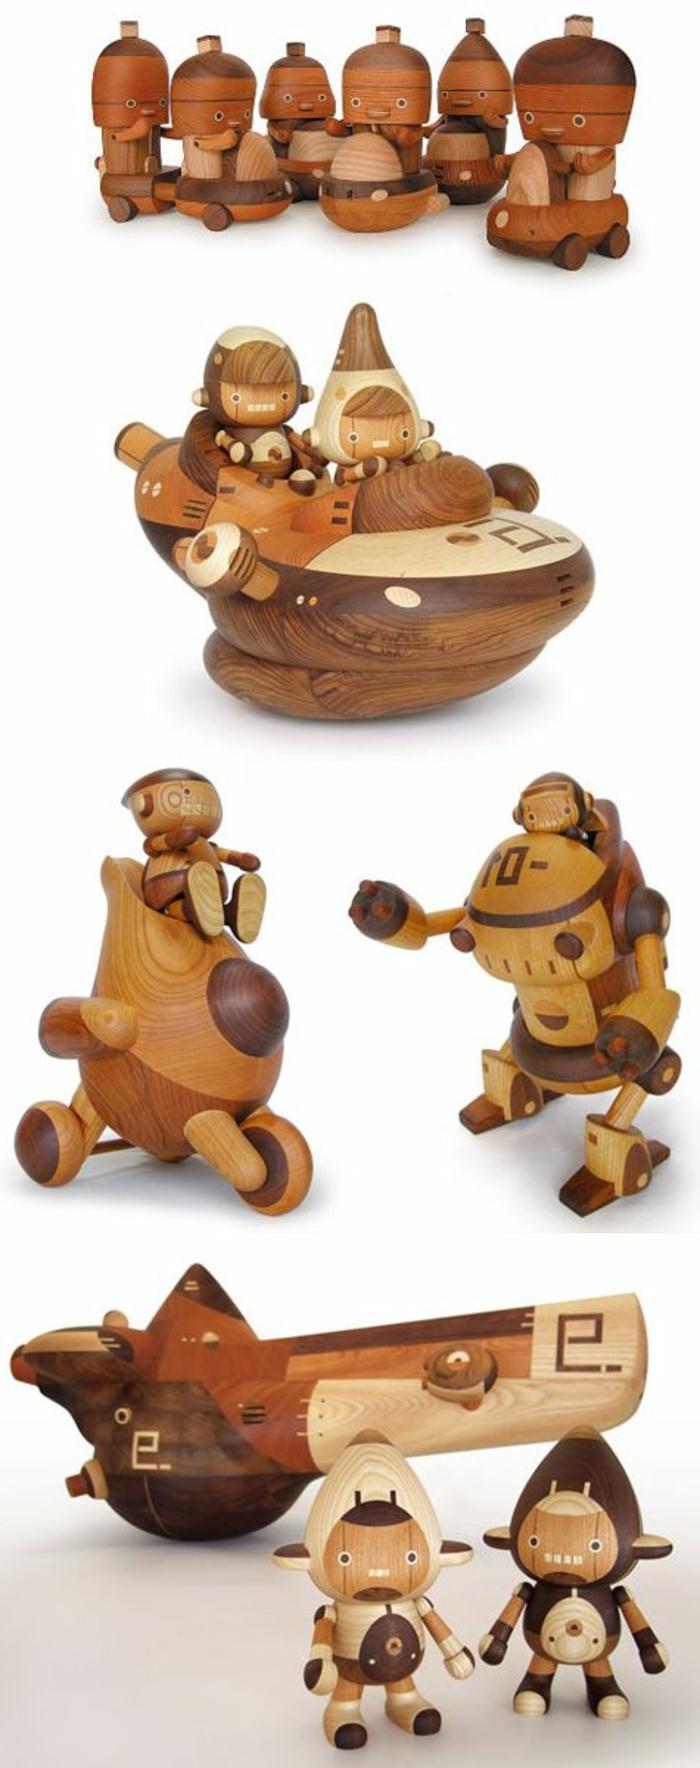 jouets-en-bois-robots-et-pilotes-bizarres